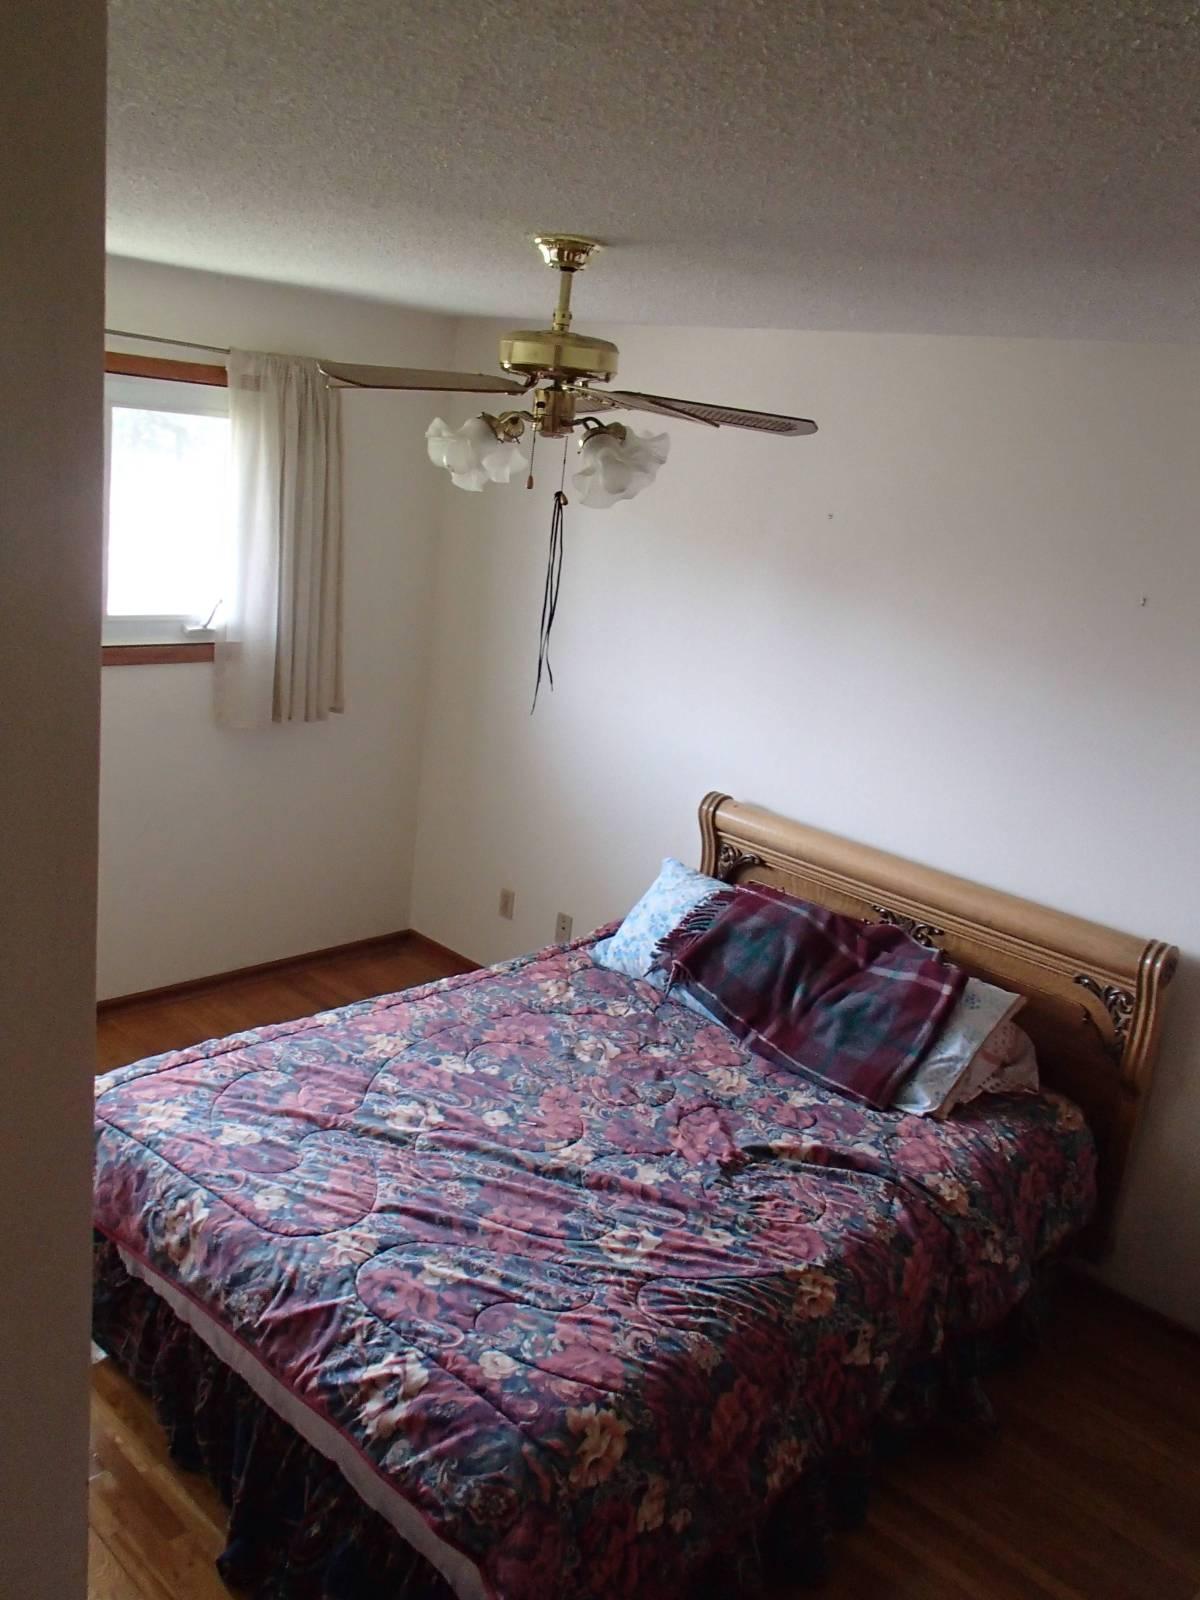 upstairs bed 2.jpg